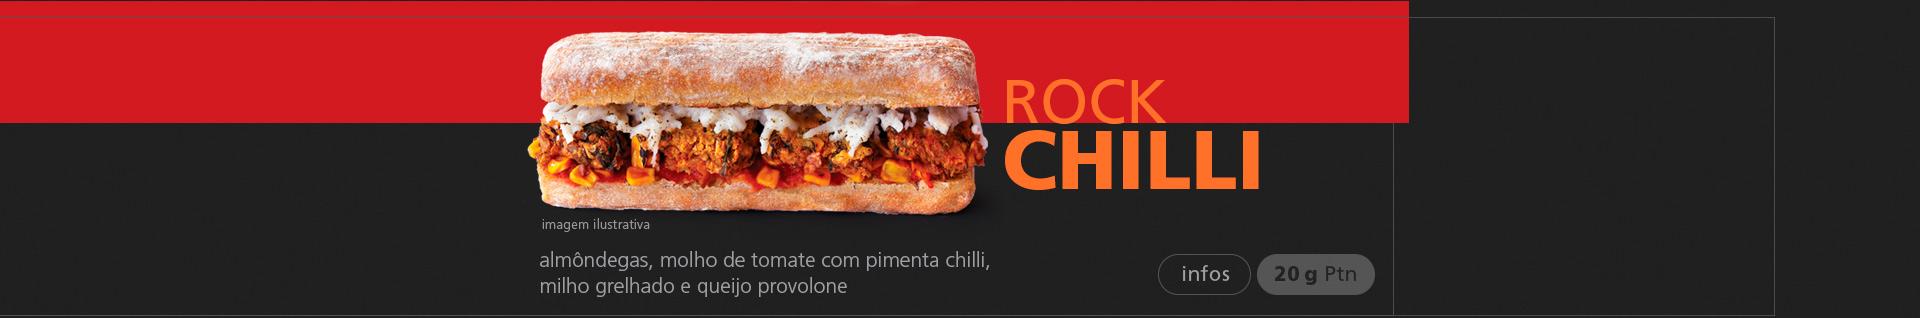 biO2 Rock Chilli